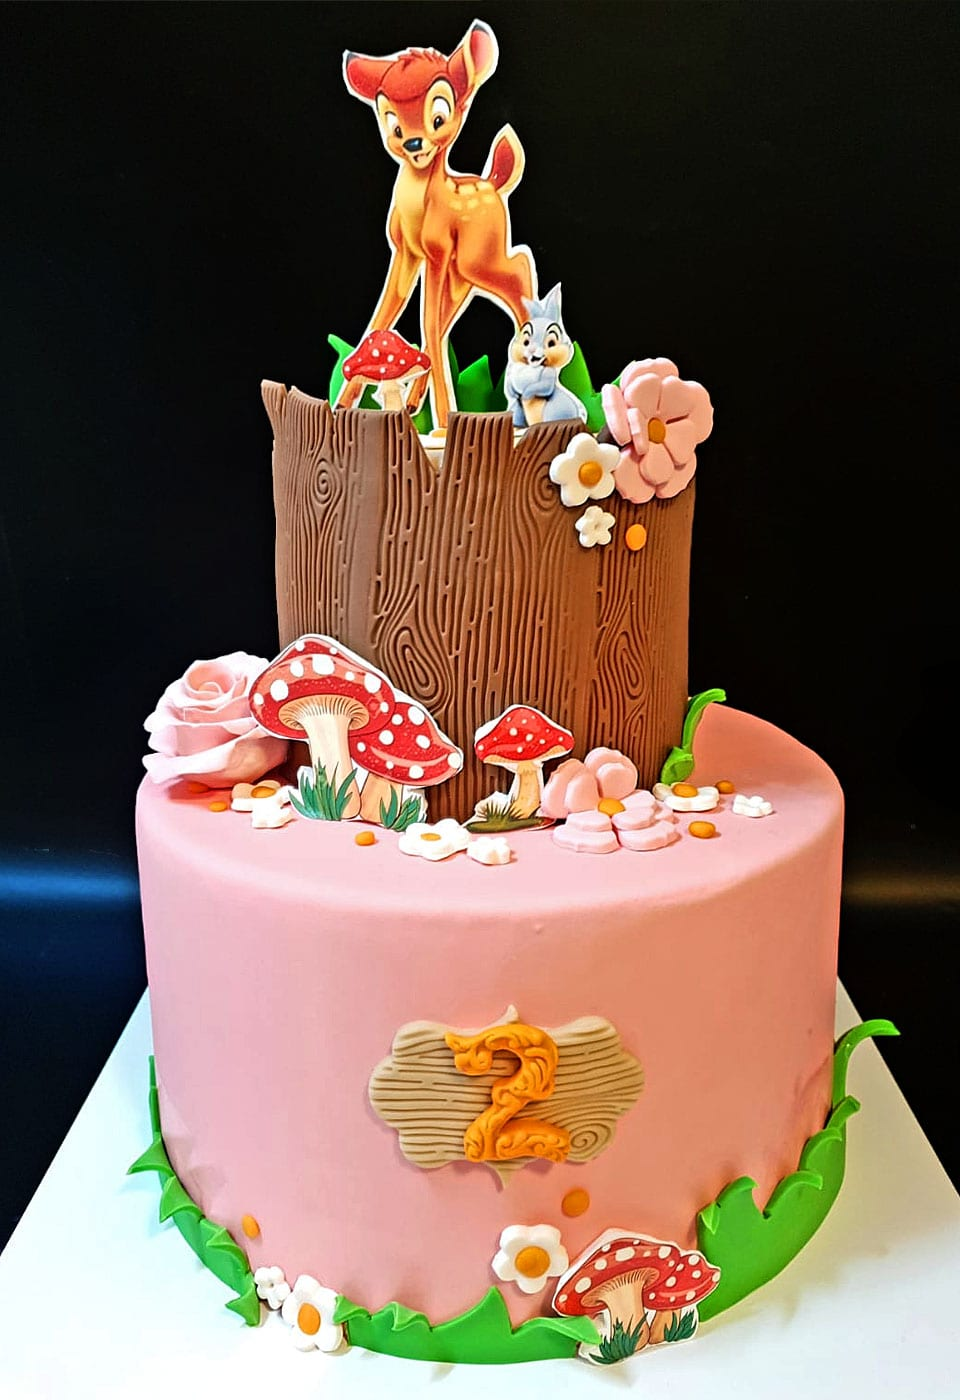 עוגת יום הולדת לרכישה לאלילנד